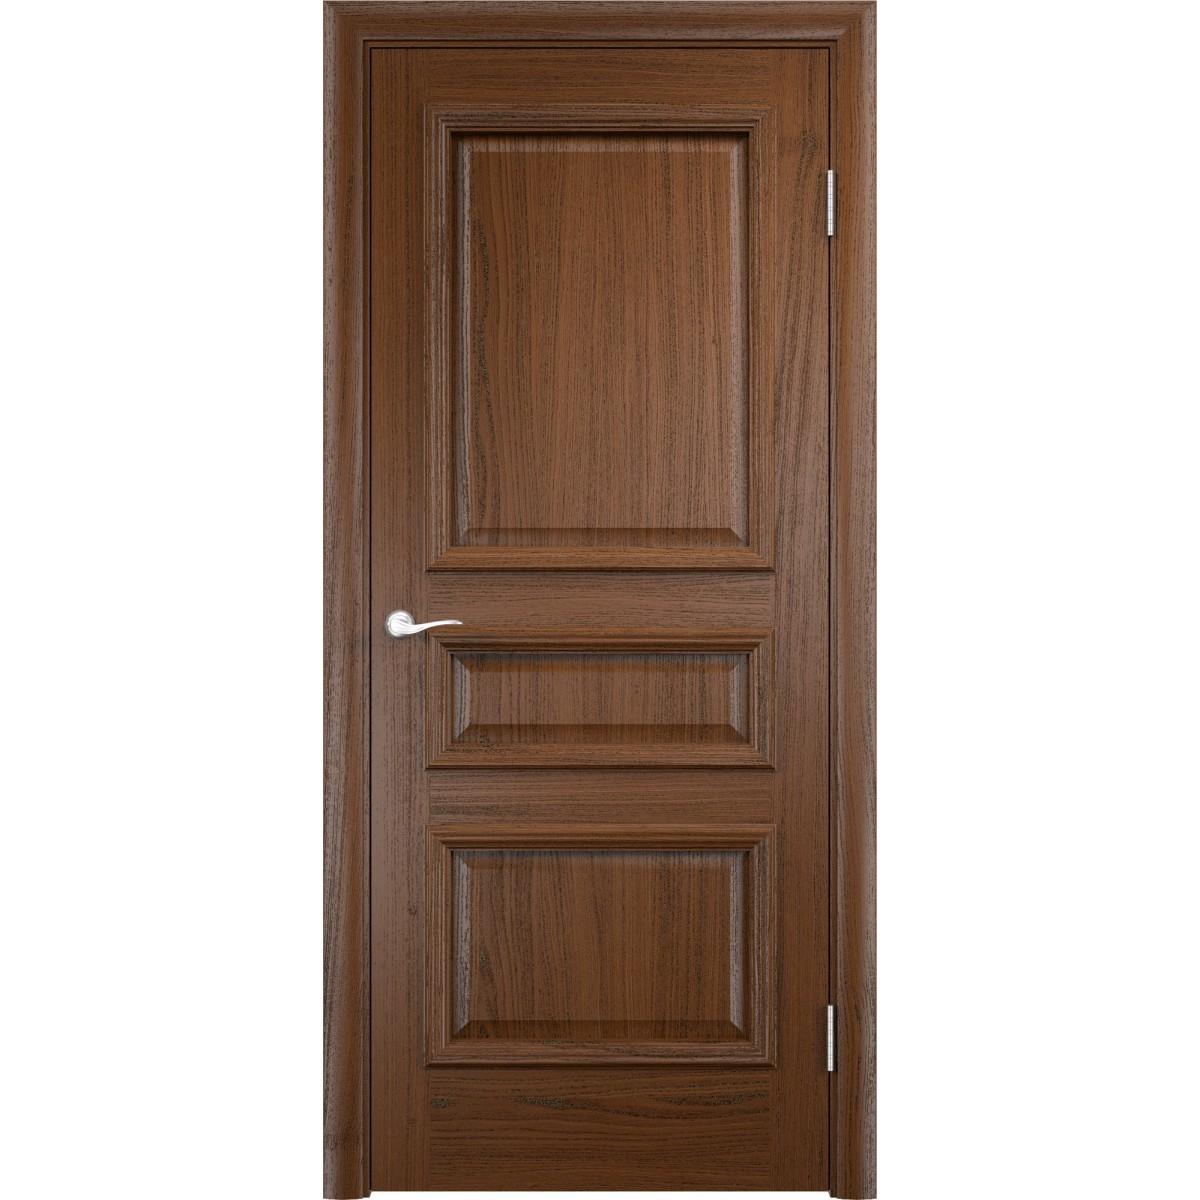 Дверь Межкомнатная Глухая Мадрид 90x200 Шпон Цвет Дуб Тёмный С Фурнитурой